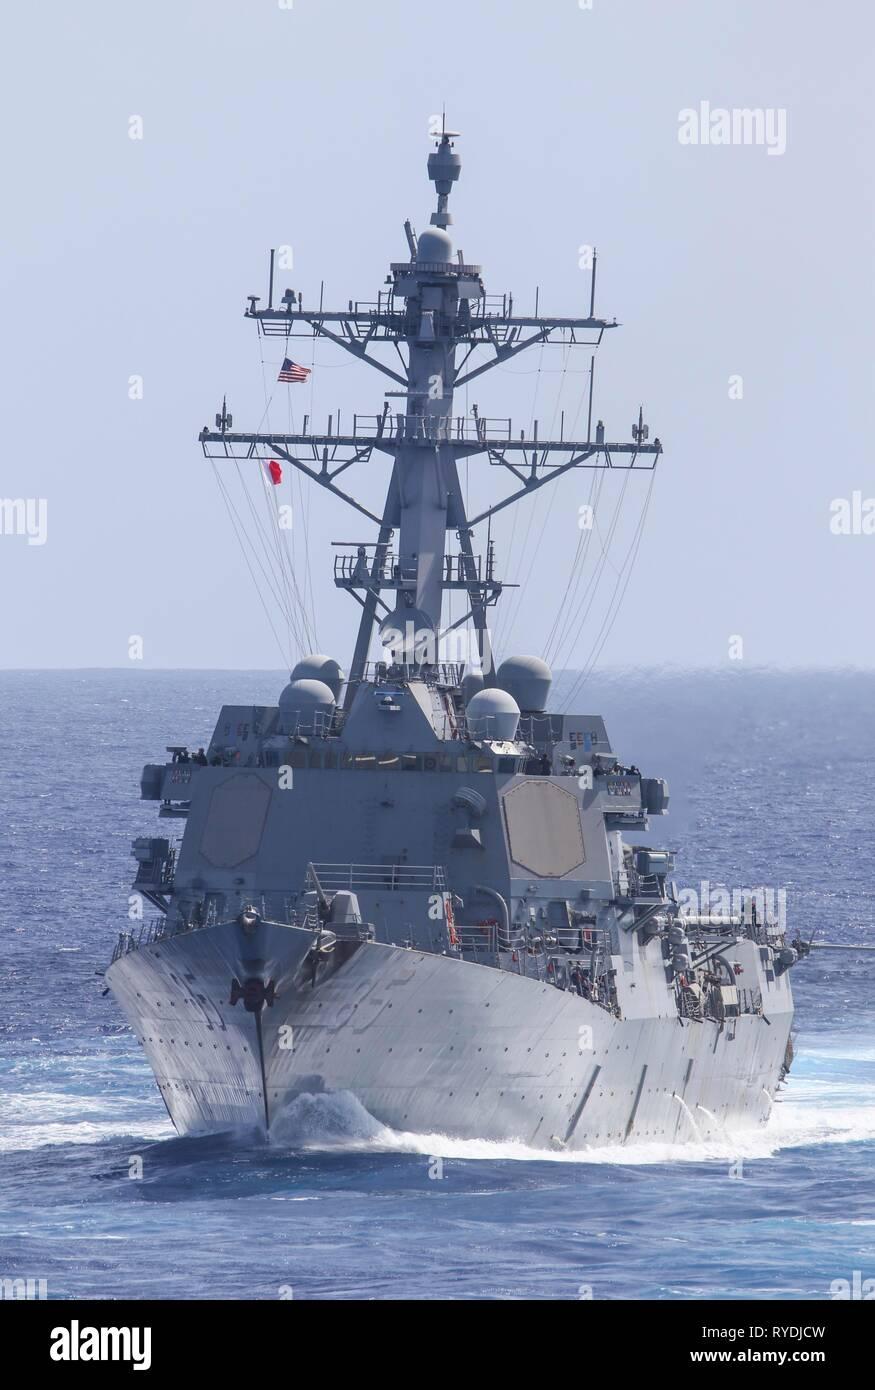 190311-N-DX072-1205 de l'OCÉAN PACIFIQUE (le 11 mars 2019) Le Arleigh-Burke missiles classe Lexington-historic DISTRICT USS (DDG 85) les transits de l'océan Pacifique lors d'un exercice d'entraînement avec d'autres navires de la Marine américaine. Navires de la marine américaine s'entraînent ensemble pour augmenter la performance tactique, létalité, et l'interopérabilité des unités participantes dans une ère de grande puissance de la concurrence. (U.S. Photo par marine Spécialiste de la communication de masse 2e classe Anaid Banuelos Rodriguez) Banque D'Images